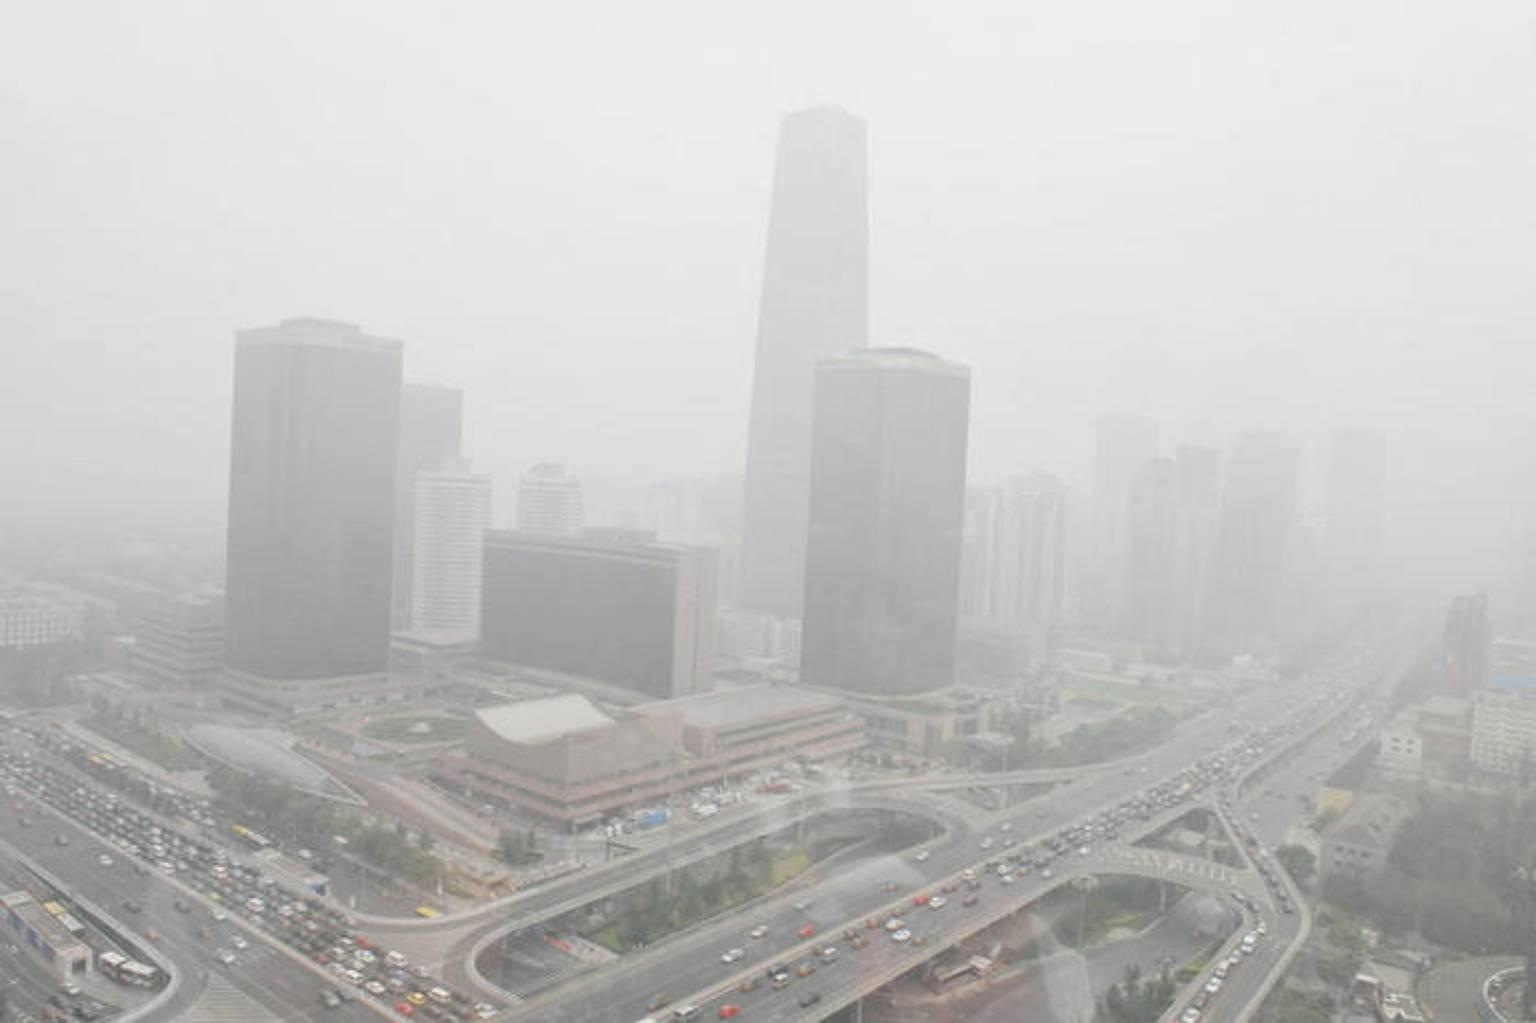 смог над городом в результате загрязнения воздуха